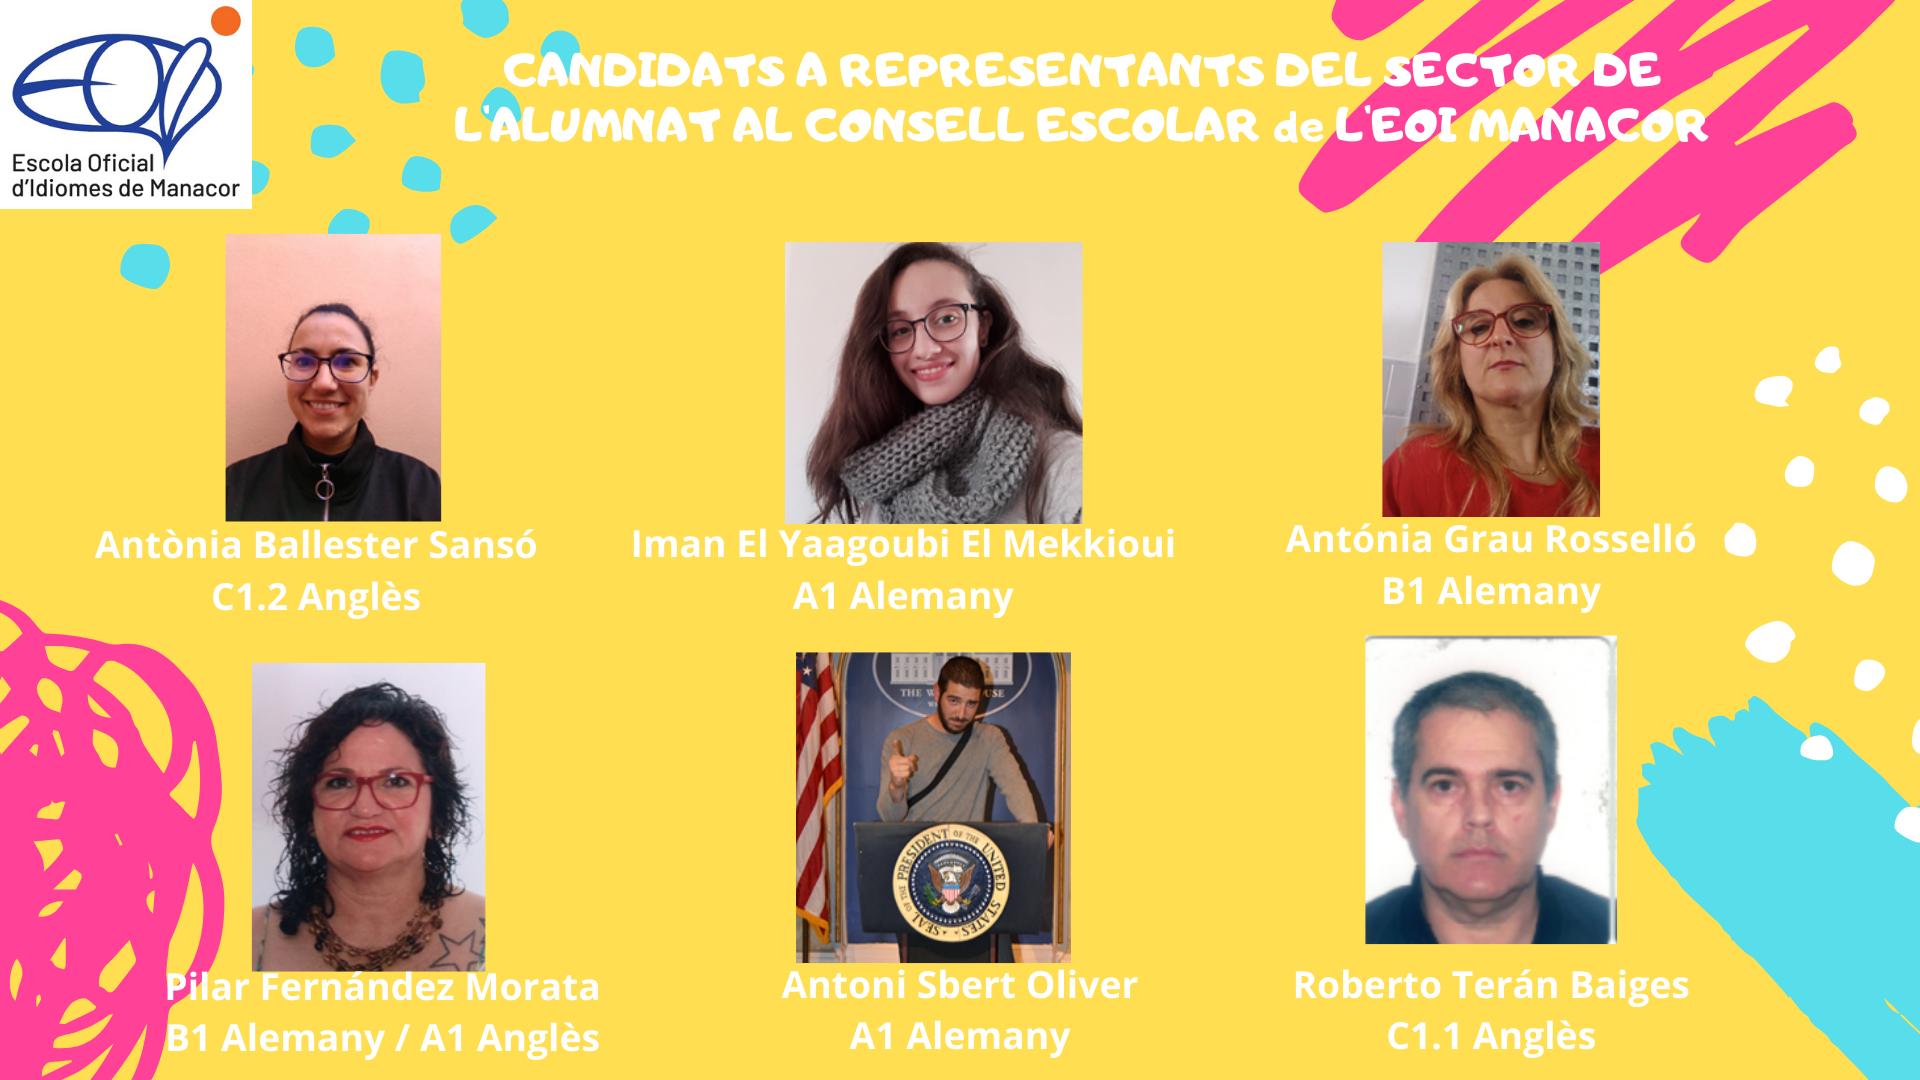 candidats_eleccions